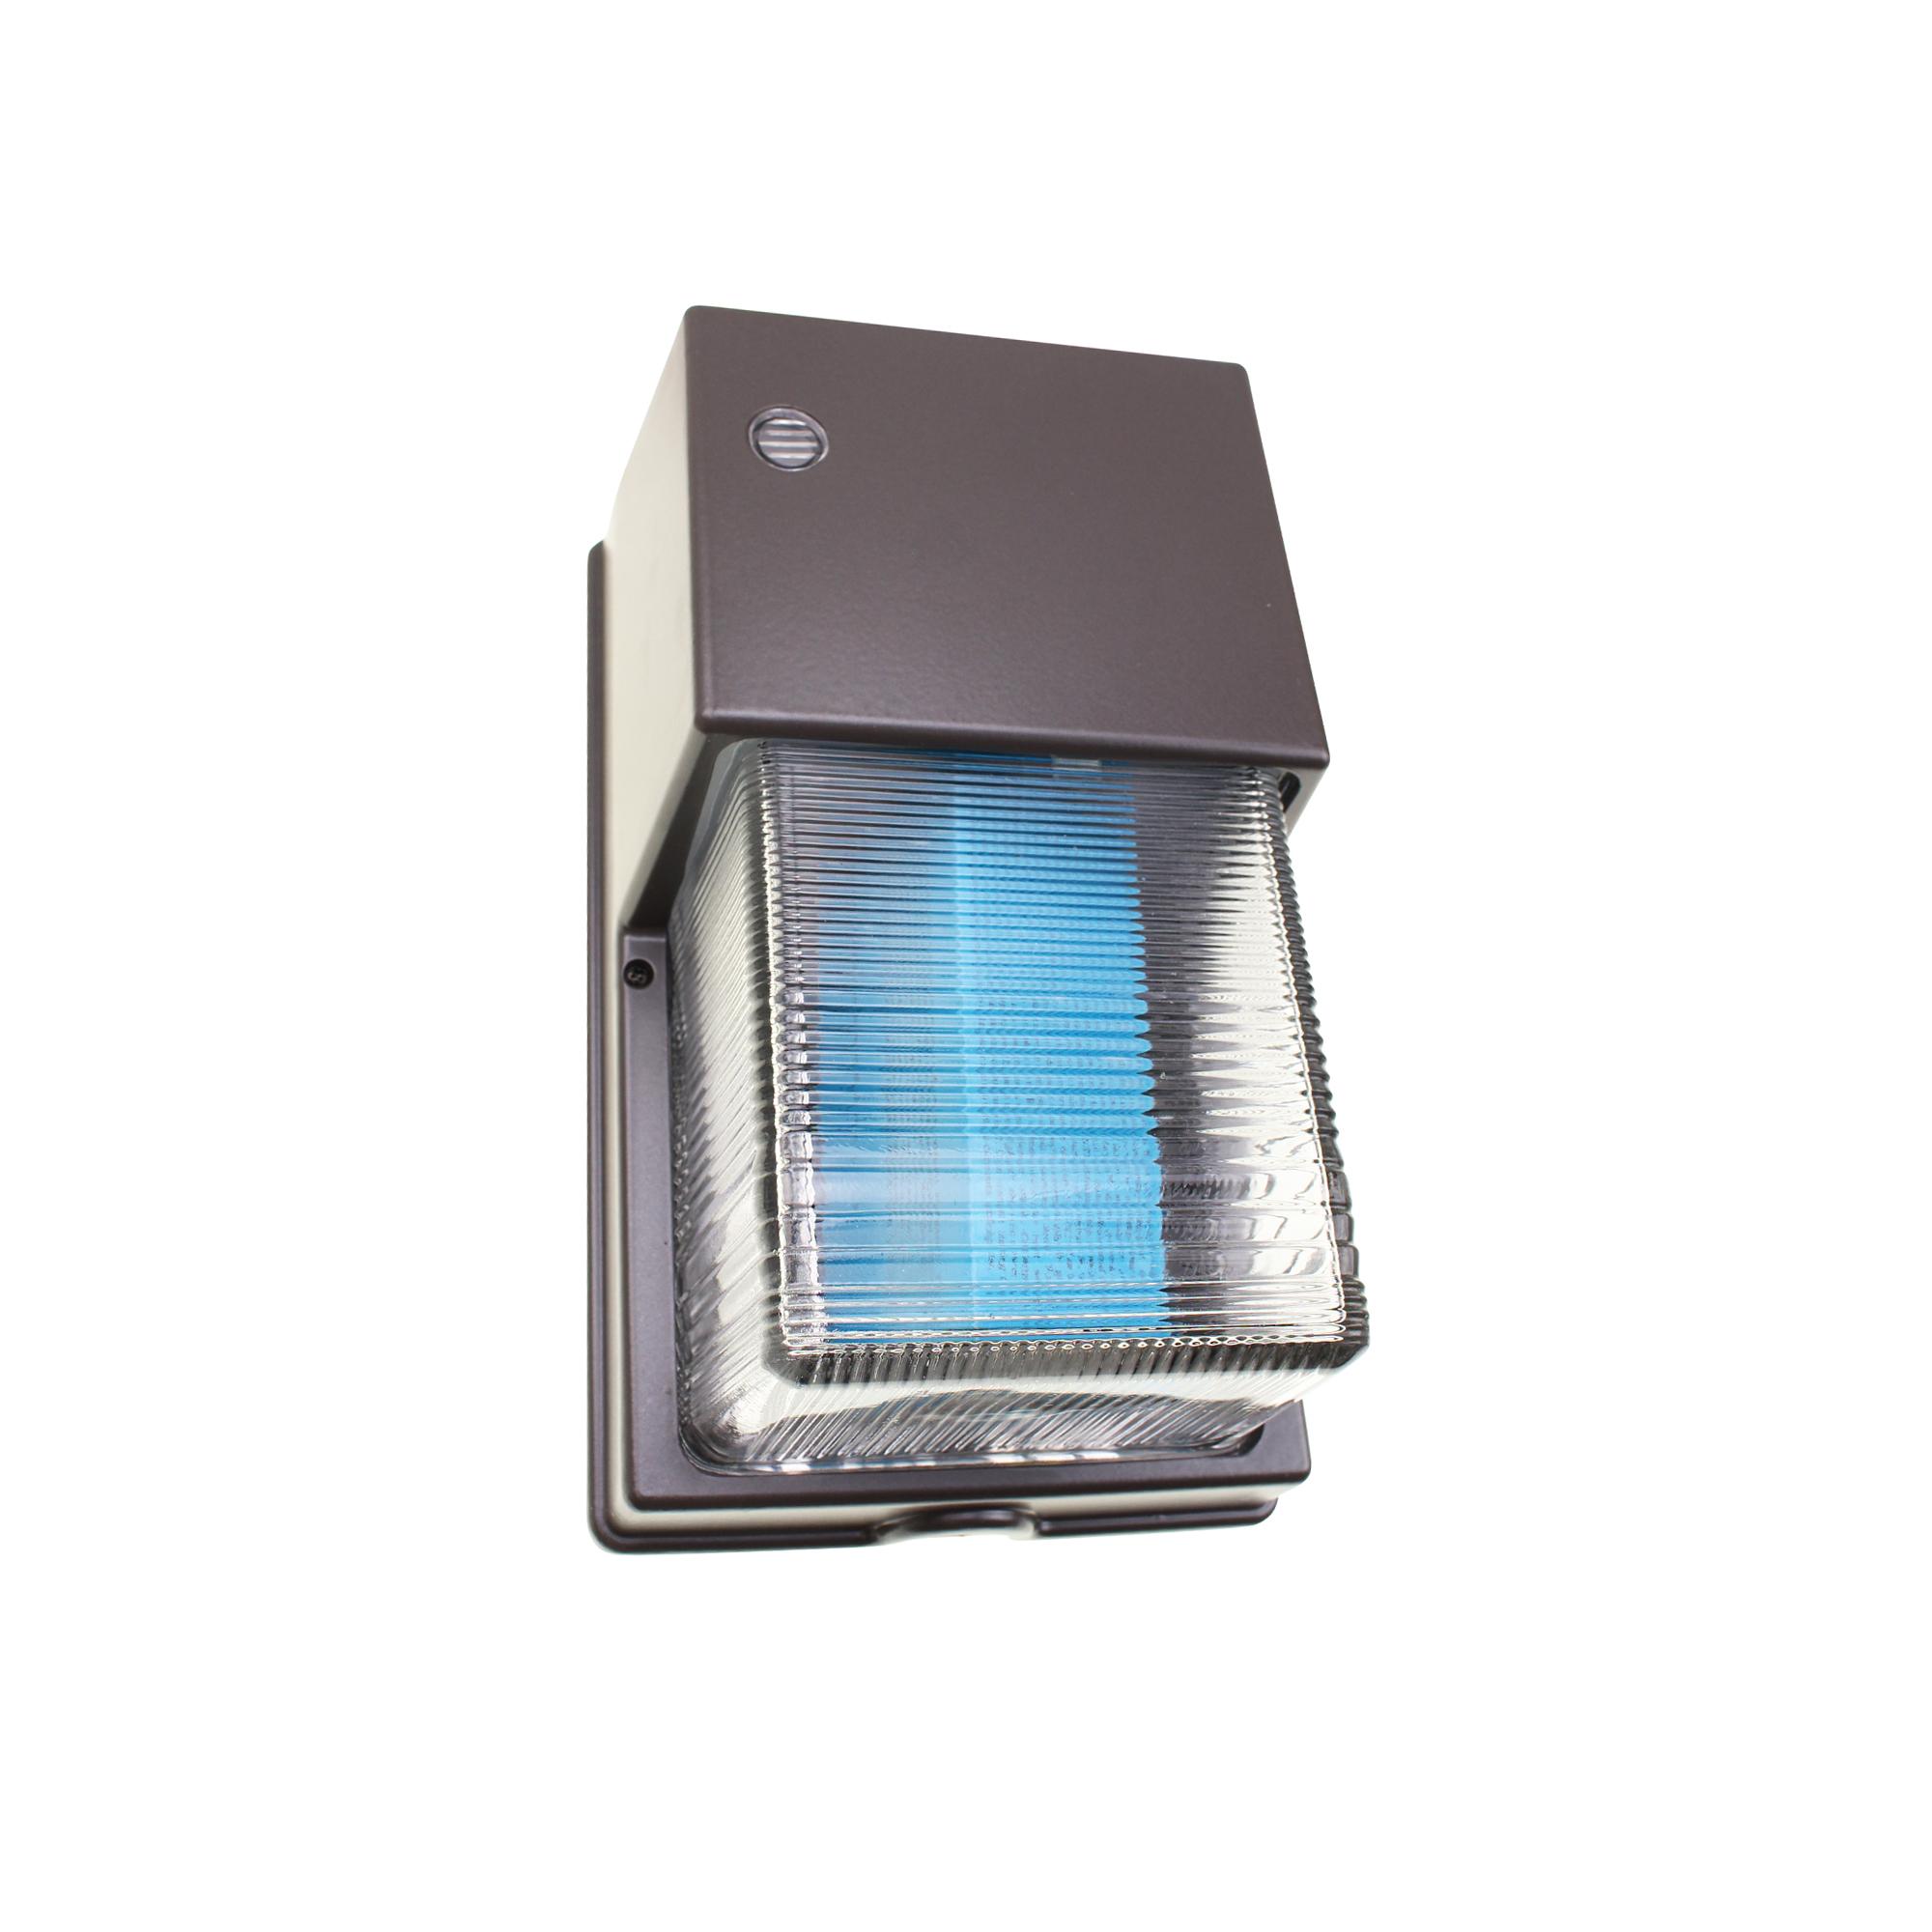 Nsi wpgc100mhq mini metal halide wall pack light fixture 100w mh image is loading nsi wpgc100mhq mini metal halide wall pack light arubaitofo Choice Image